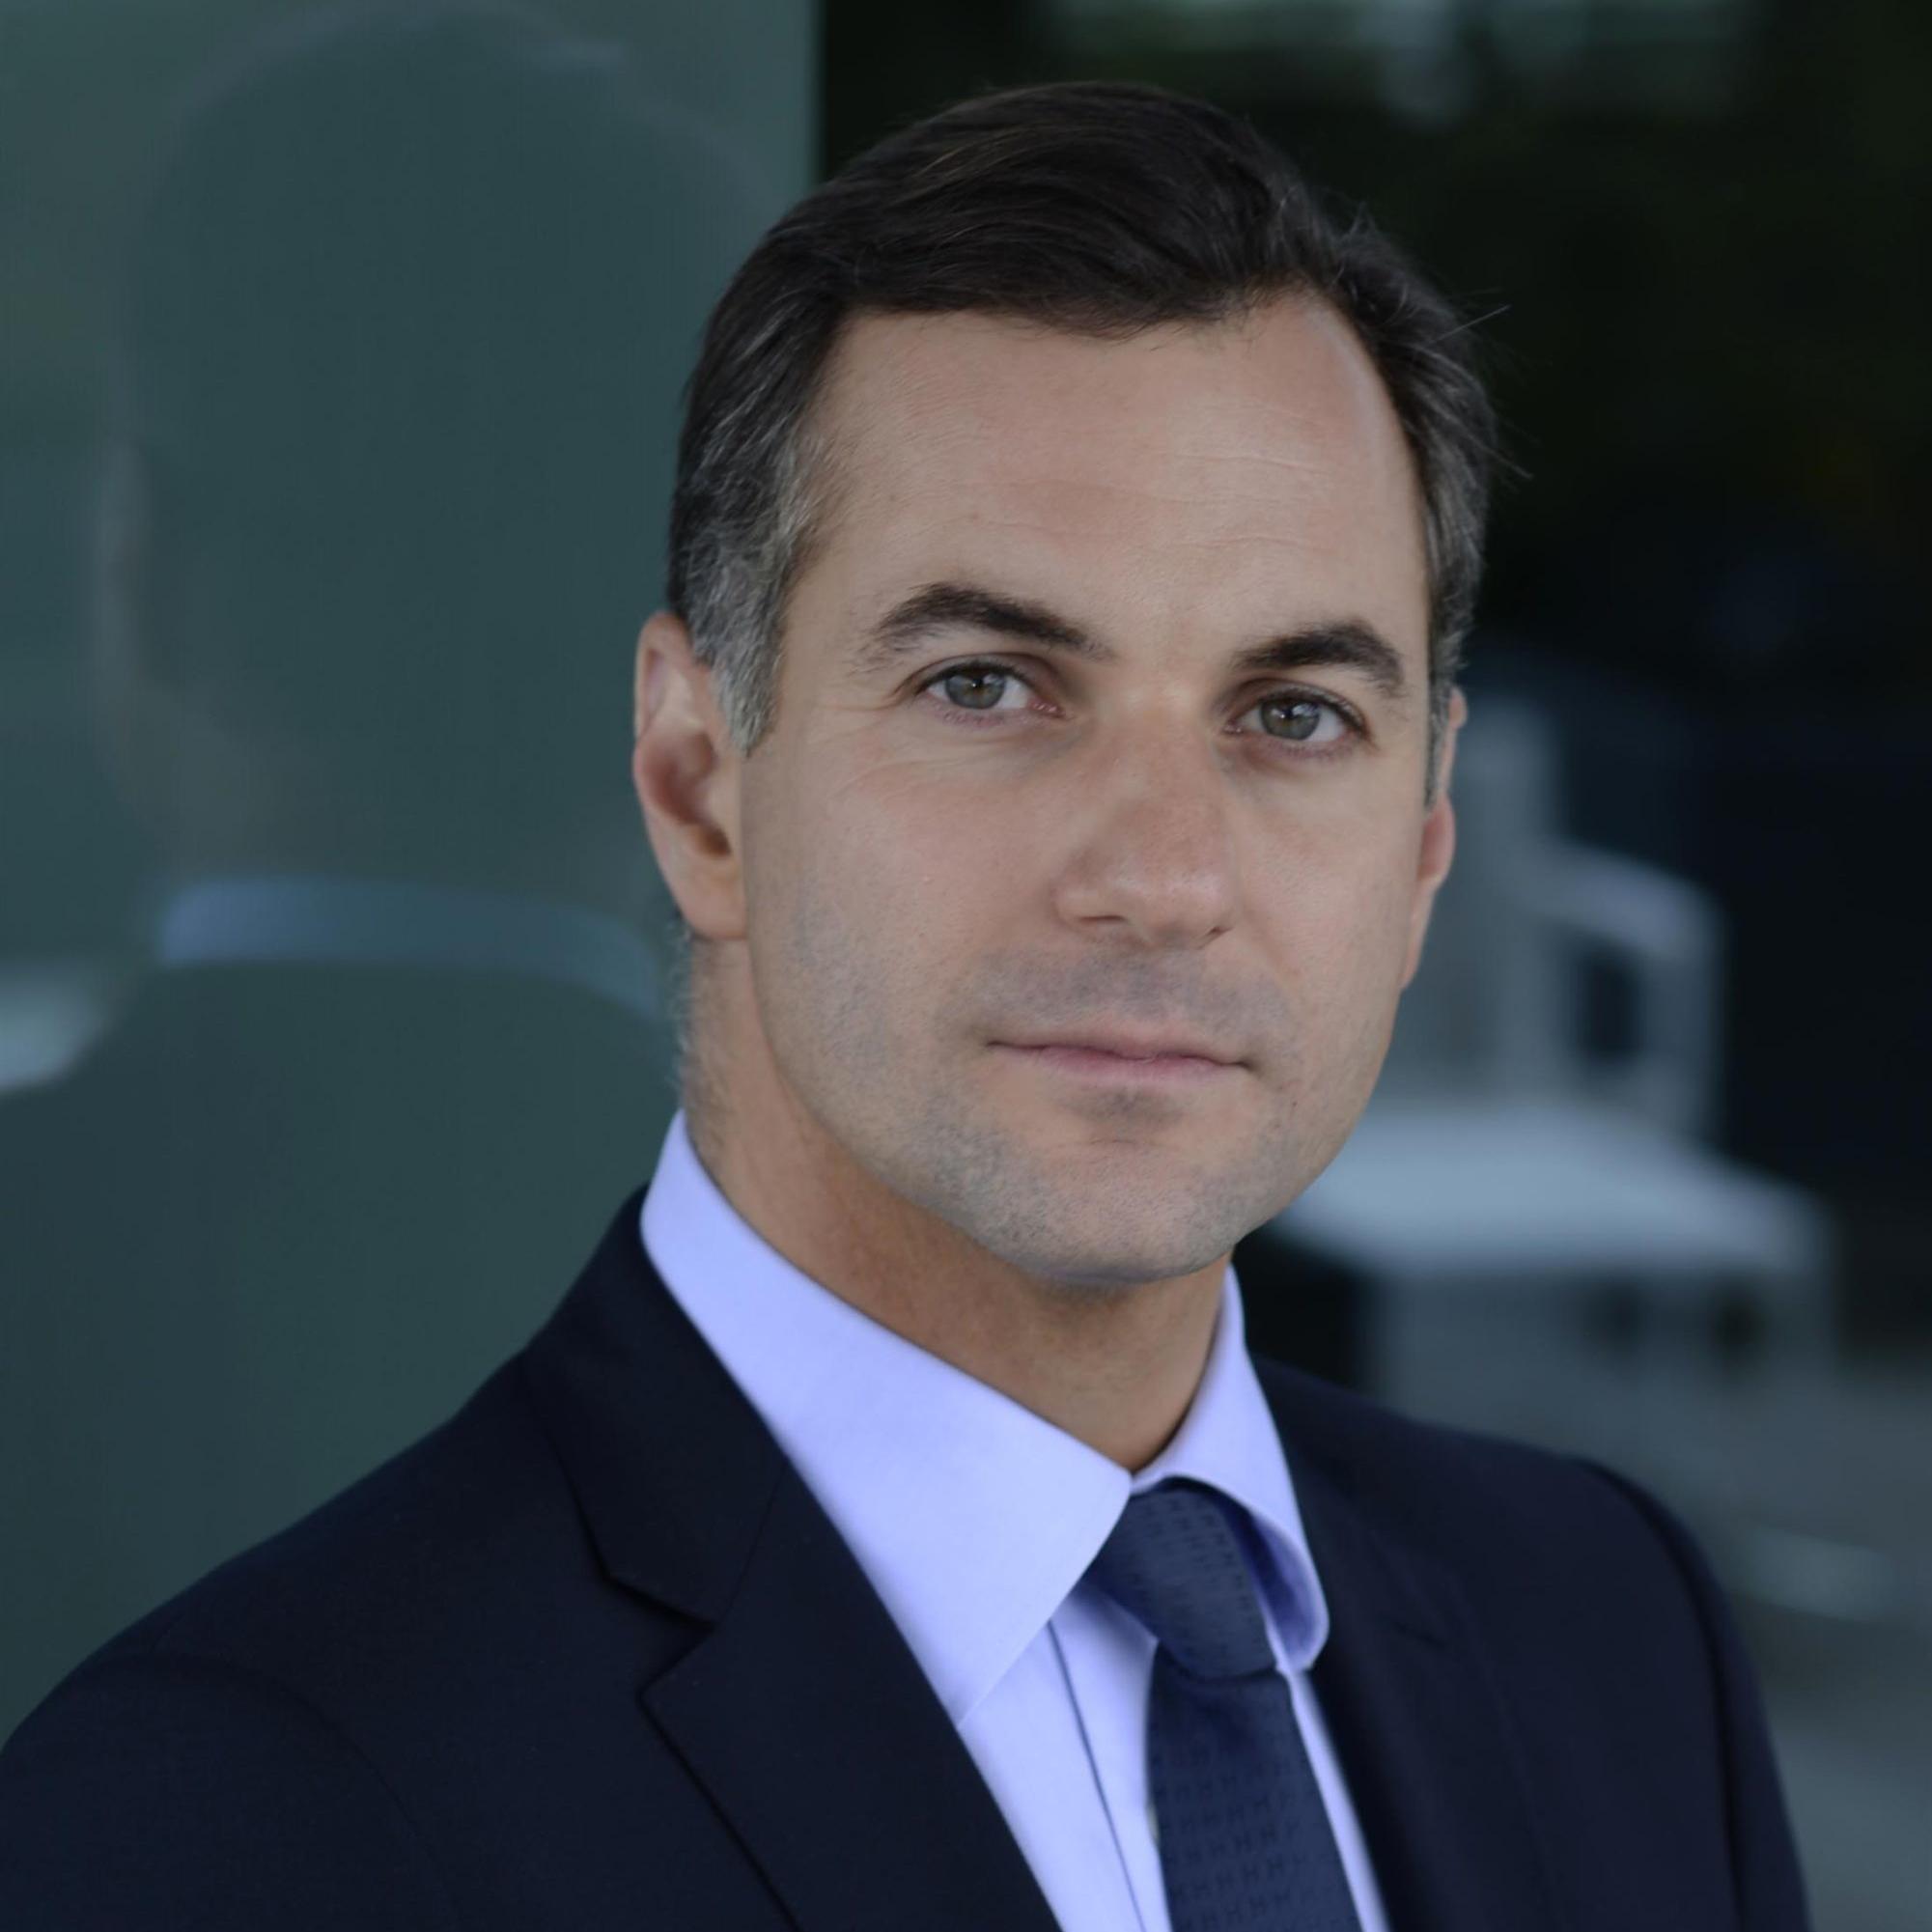 L'interview de Nicolas Namias, directeur général Finance et Stratégie du Groupe BPCE : « Il n'y a pas de meilleur gage de transformation et de performance que celui d'être constamment challengé, confronté dans ses points de vue »